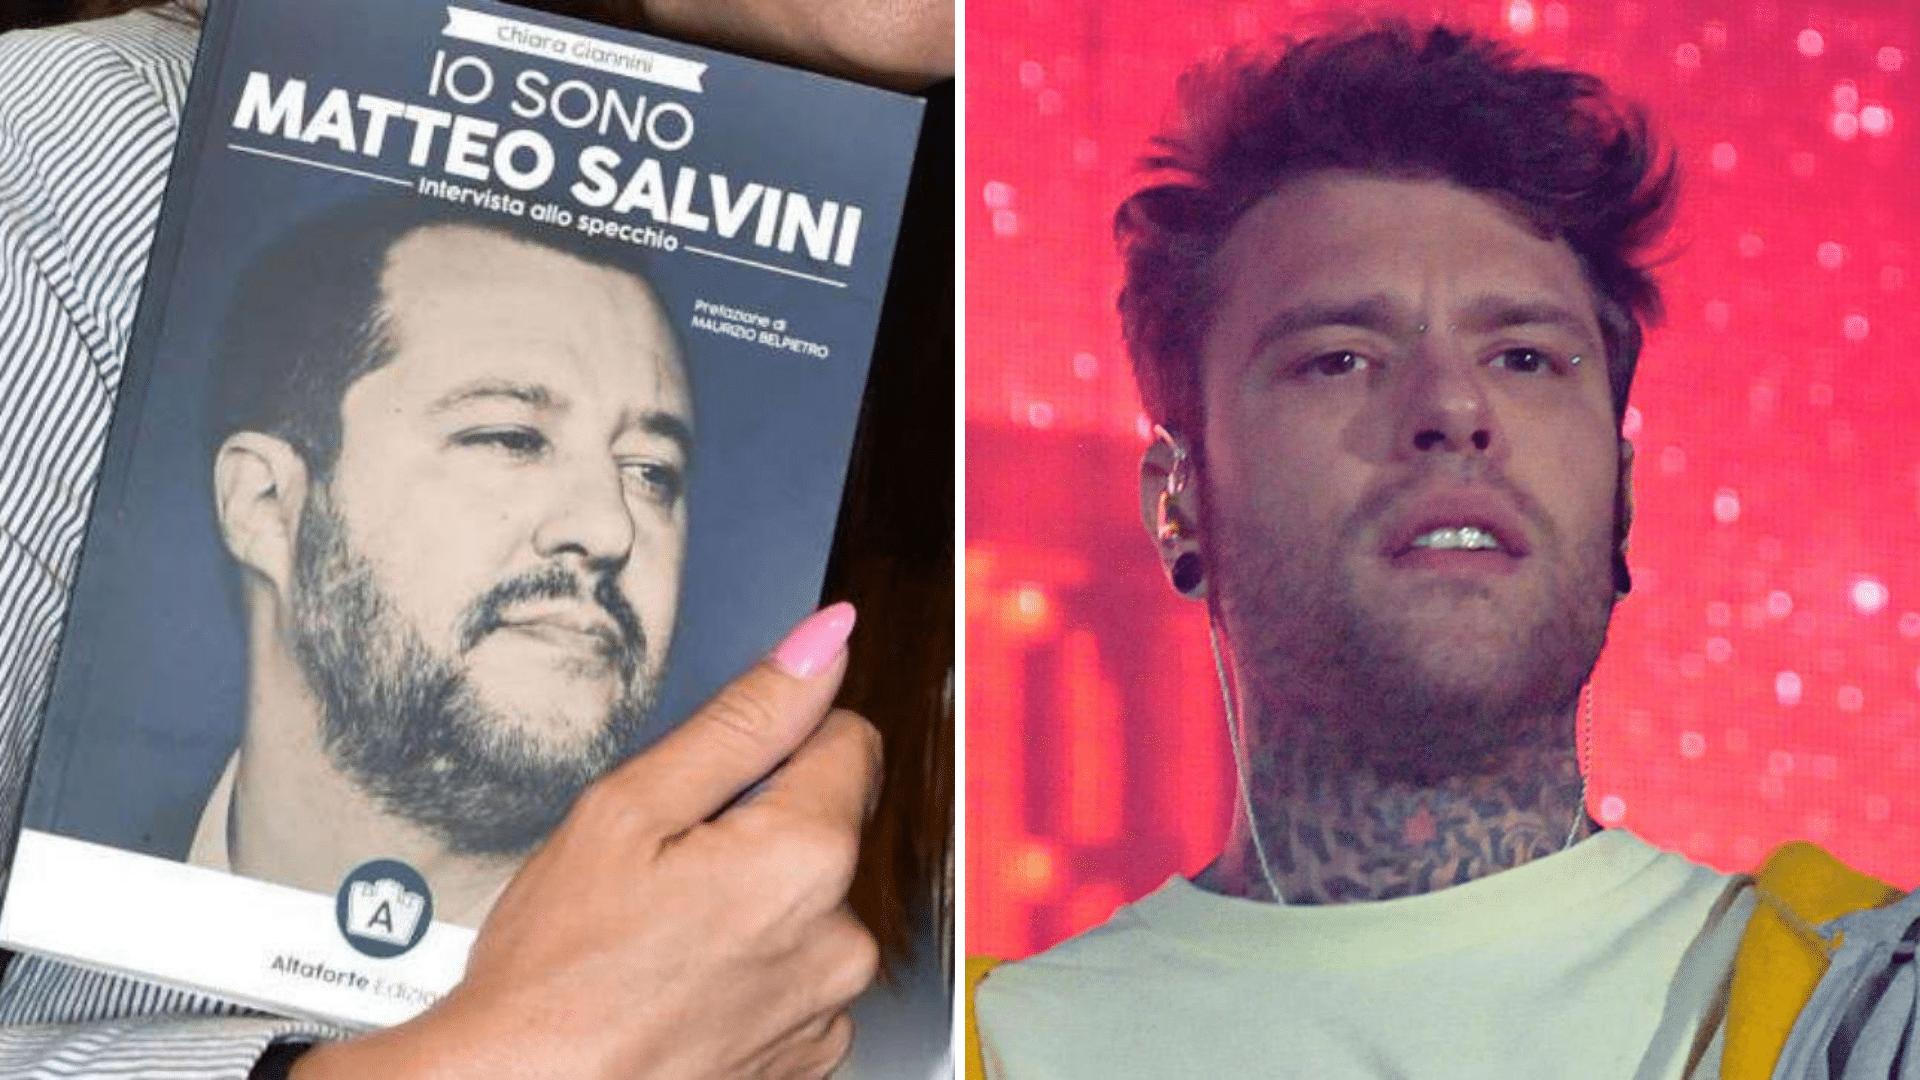 Fedez querelato dall'autrice del libro su Salvini: il rapper andrà a giudizio